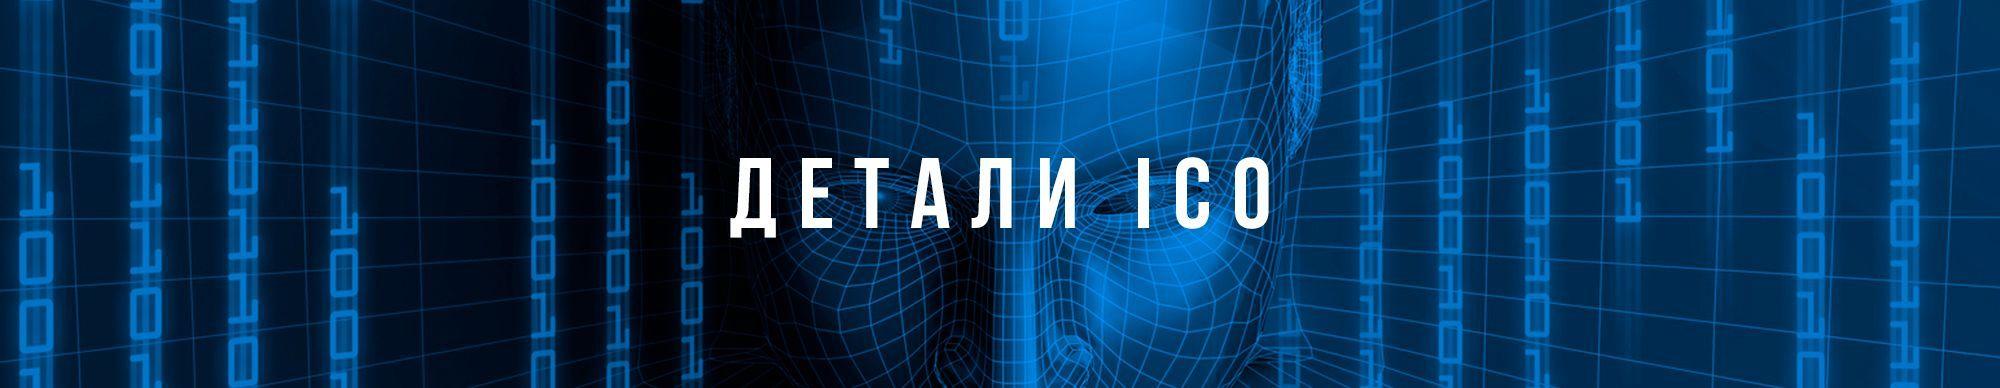 Детали ICO.jpg